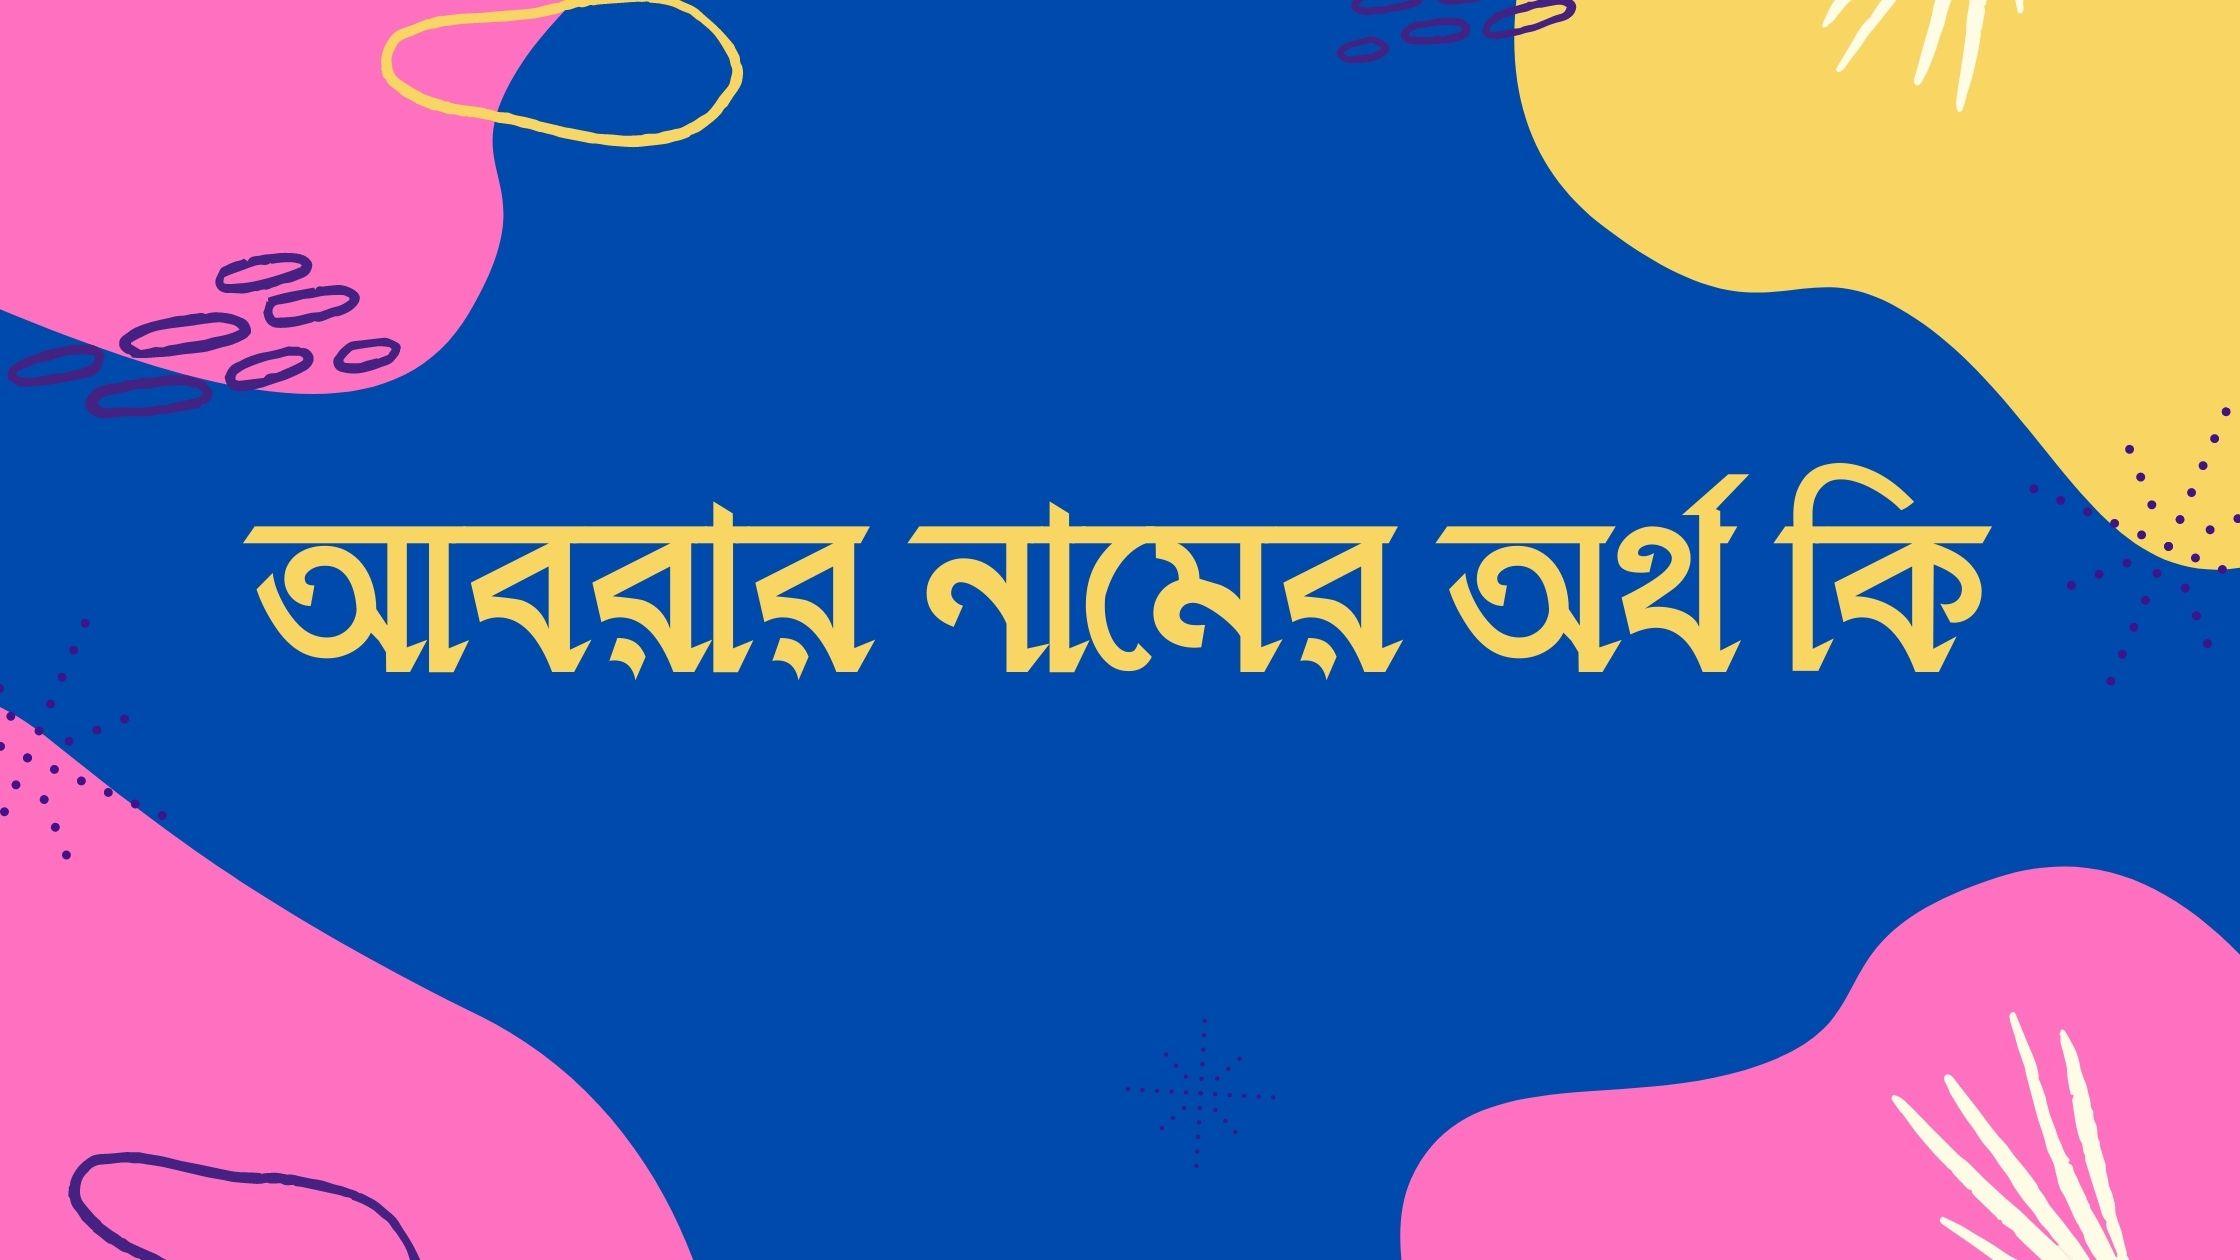 আবরার নামের অর্থ কি abrar namer ortho ki